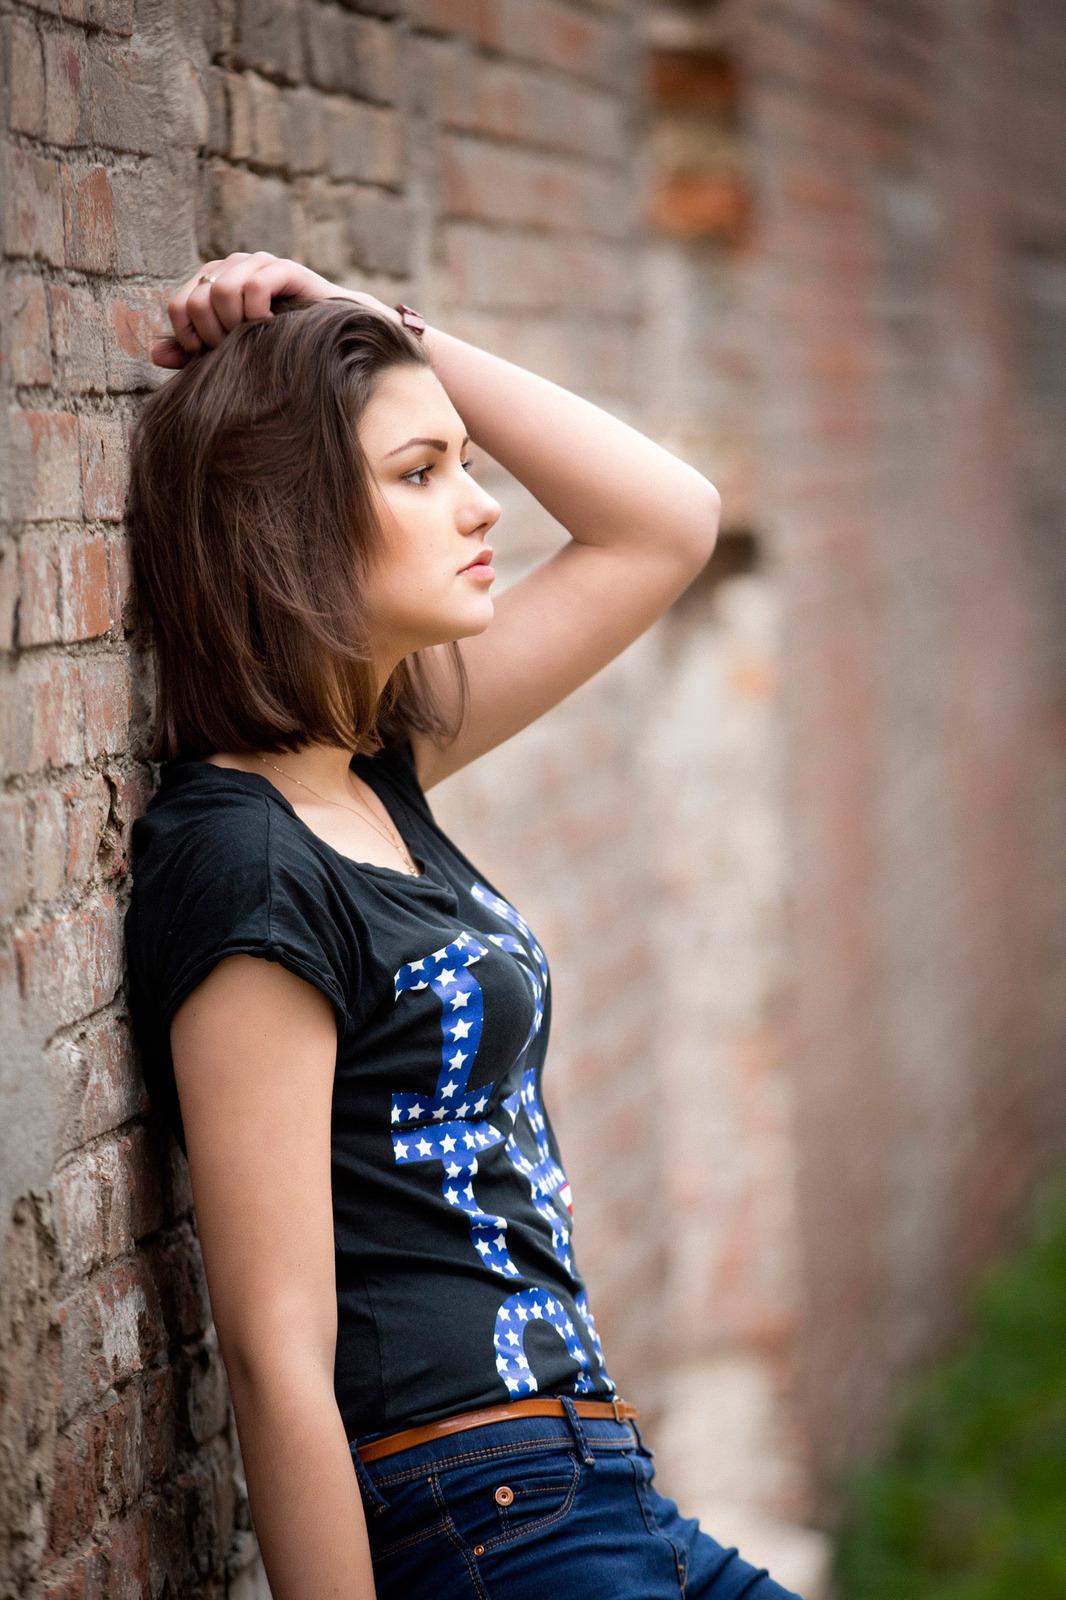 Фото девушек летом на улицы 7 фотография